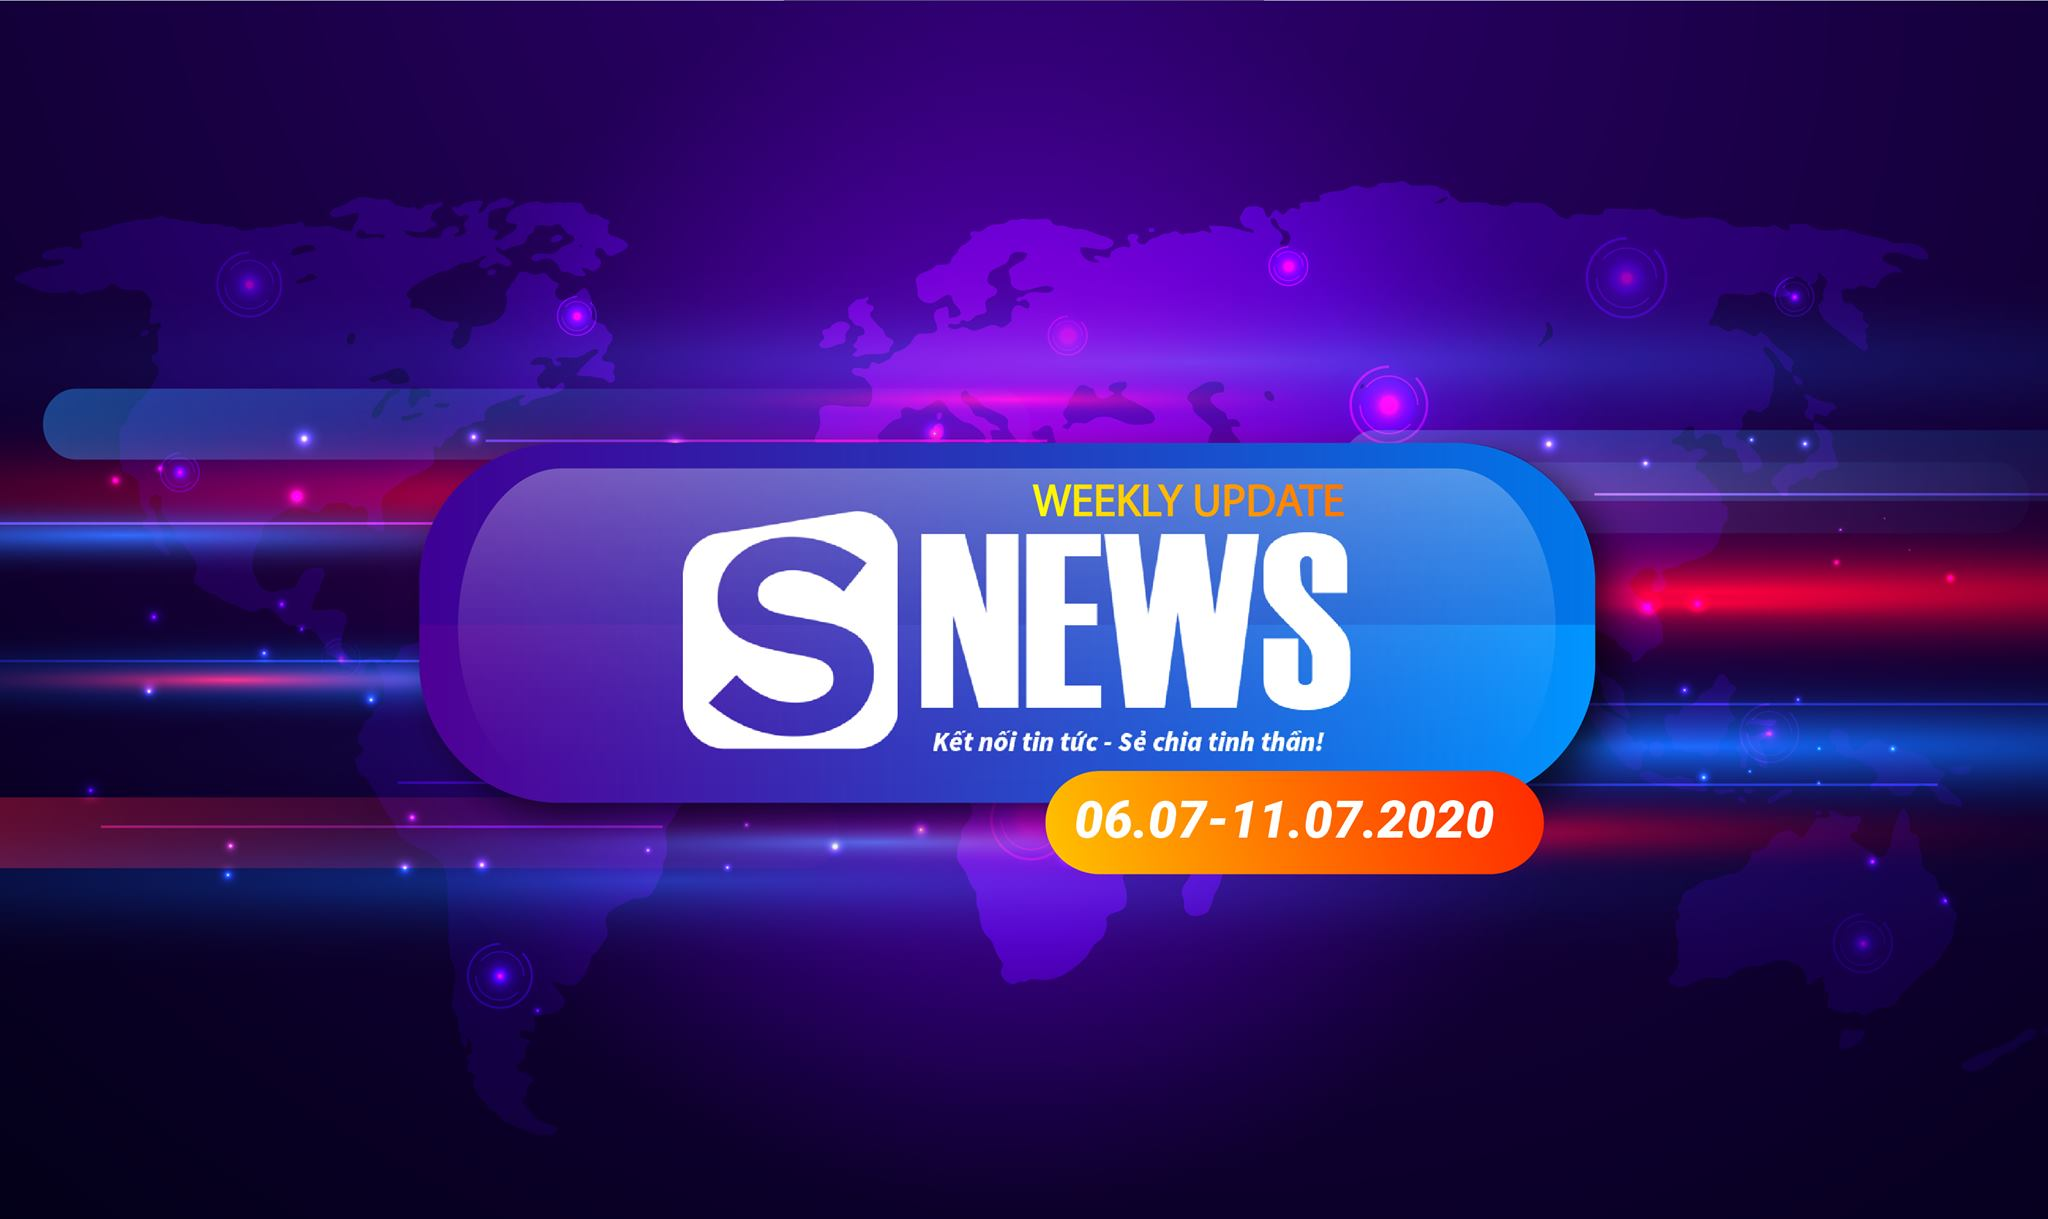 Tổng hợp tin tức tuần qua (06.07 - 11.7.2020)